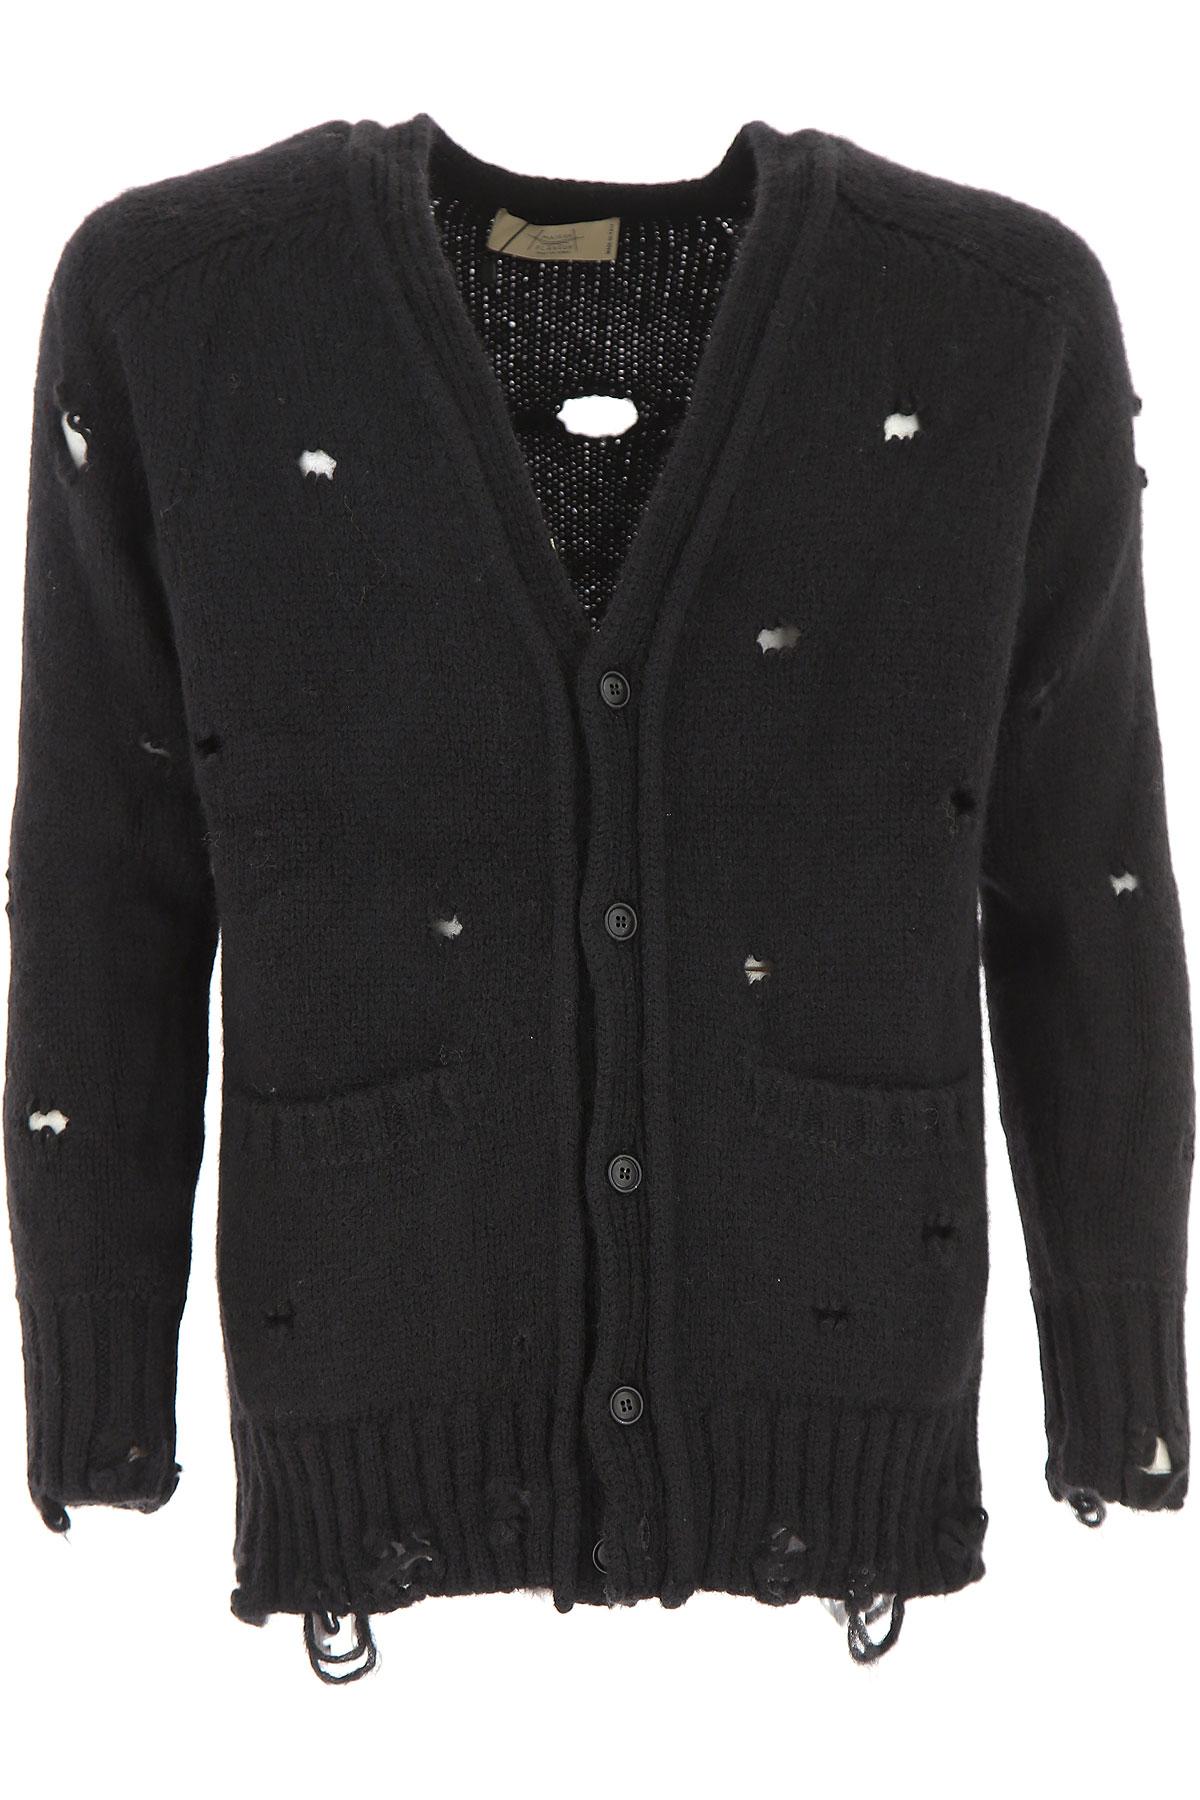 Image of Maison Flaneur Sweater for Men Jumper, Black, alpaca, 2017, L M XL